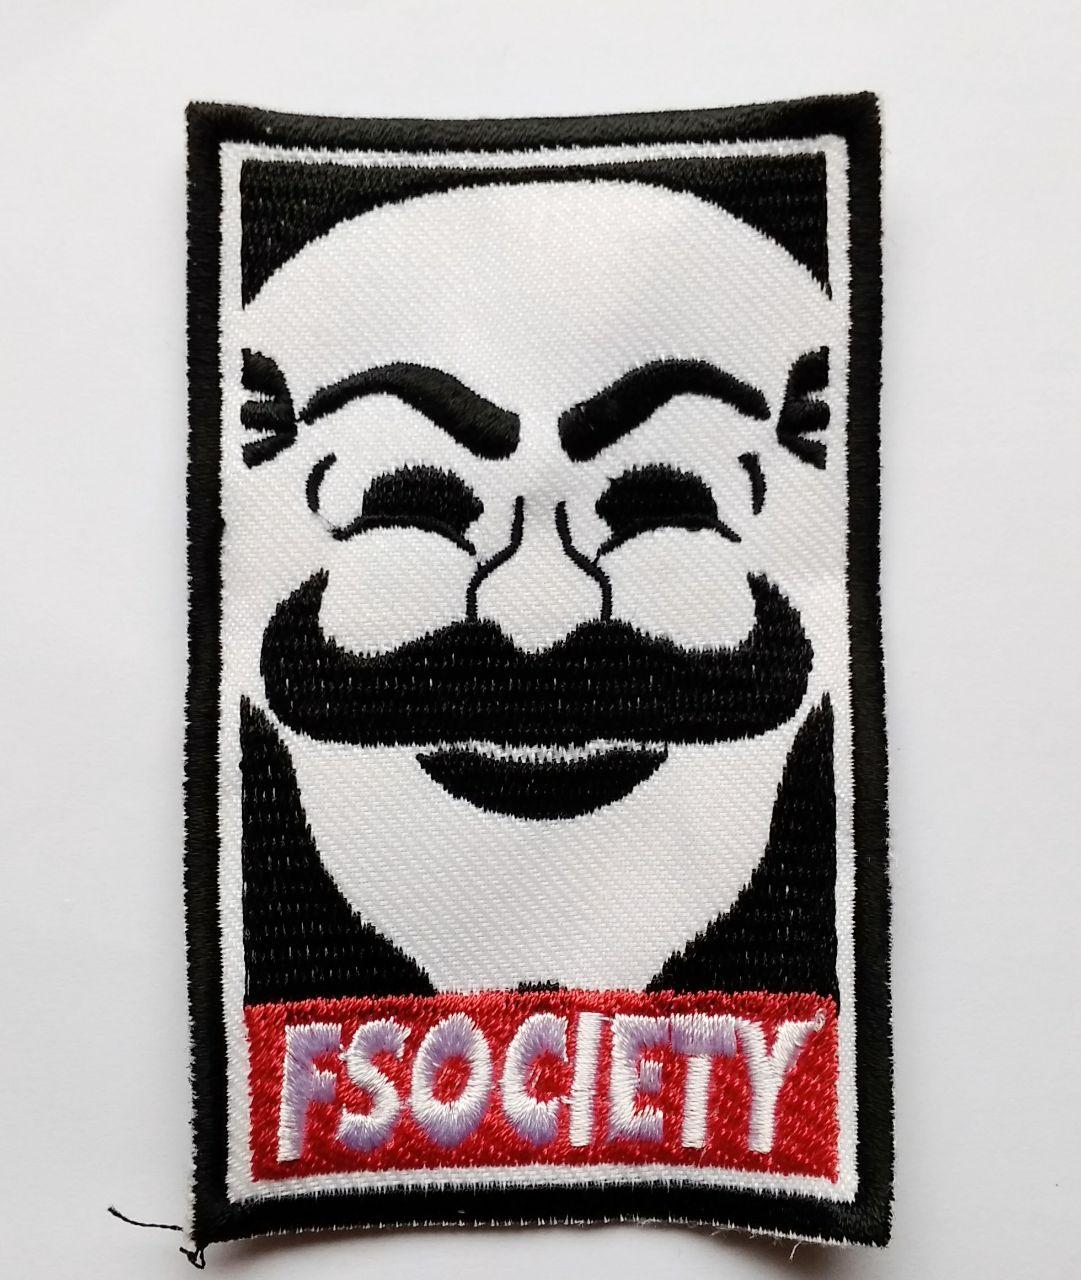 Patch Emblem Mr Robot dan Fsociety 5